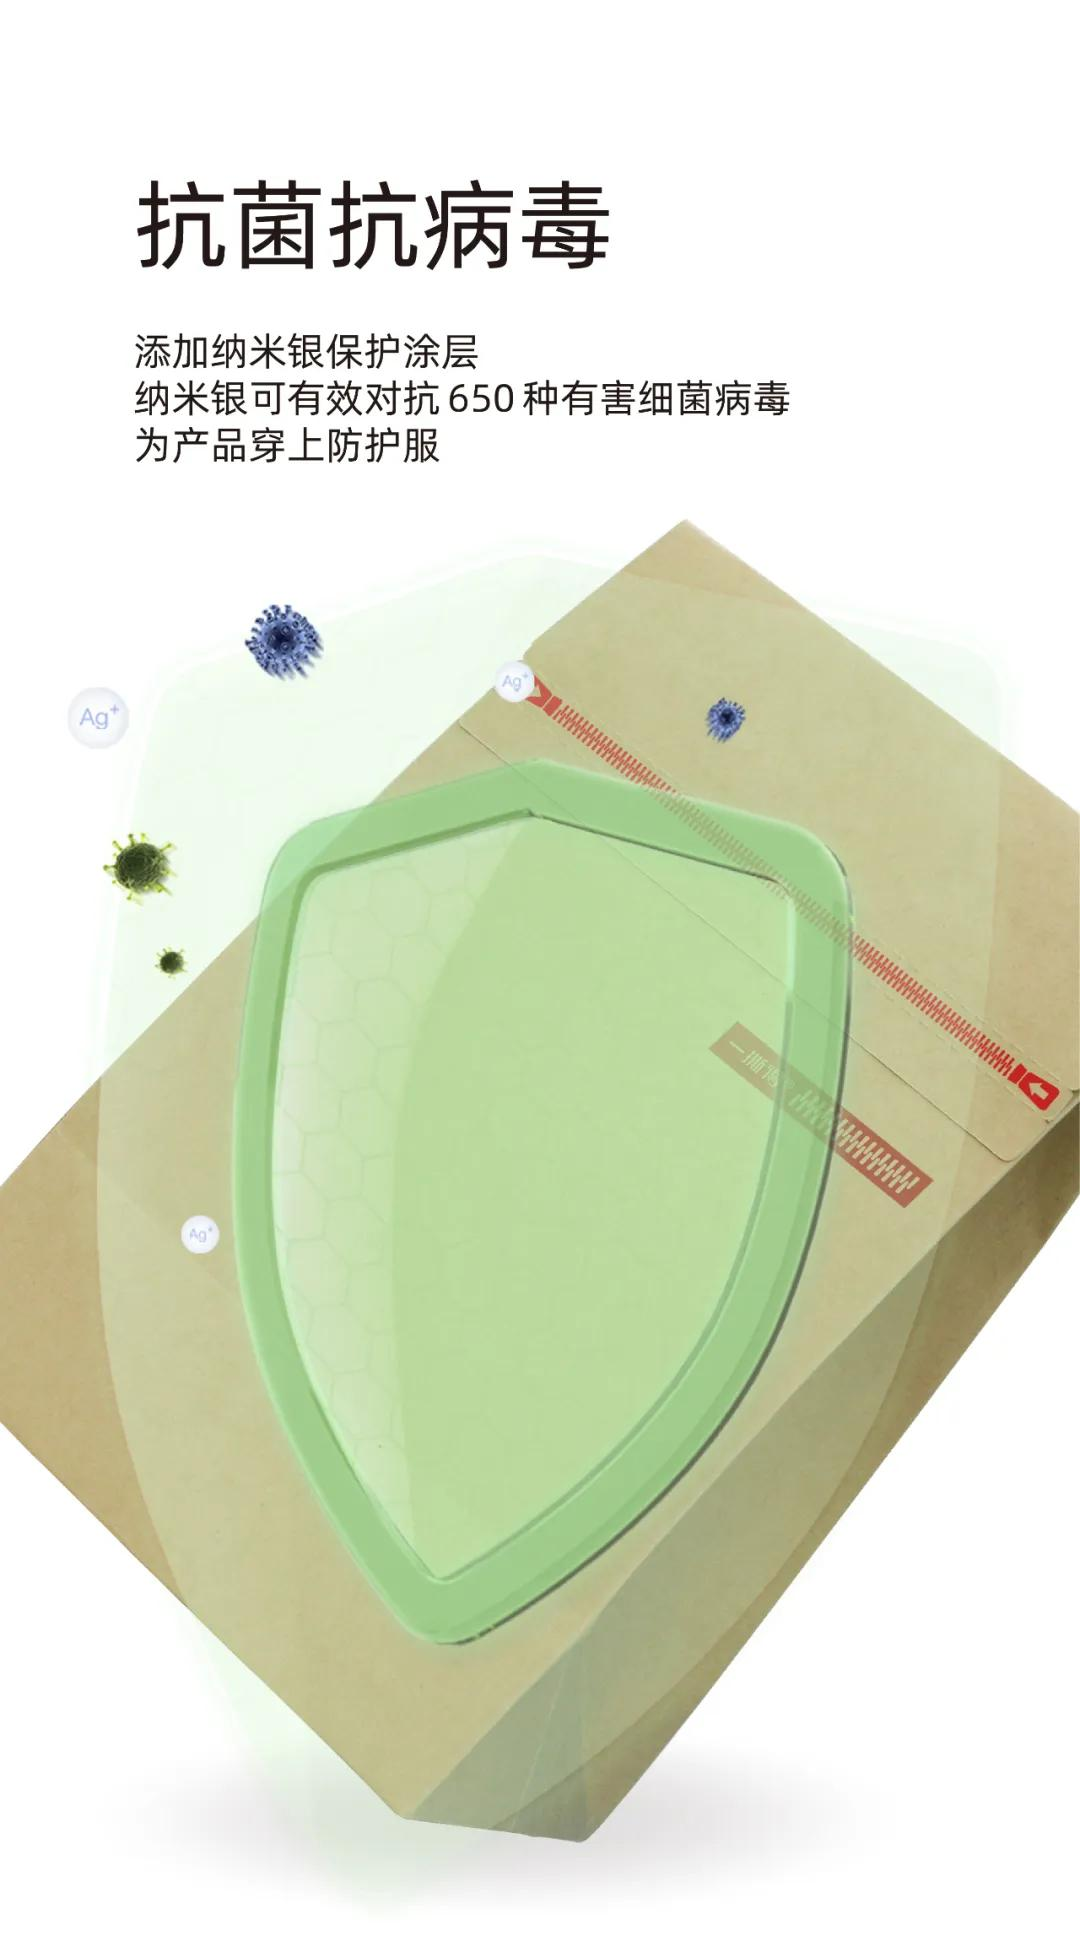 绿色抽纸-绿色抽纸品牌、图片、排行榜 - 阿里巴巴